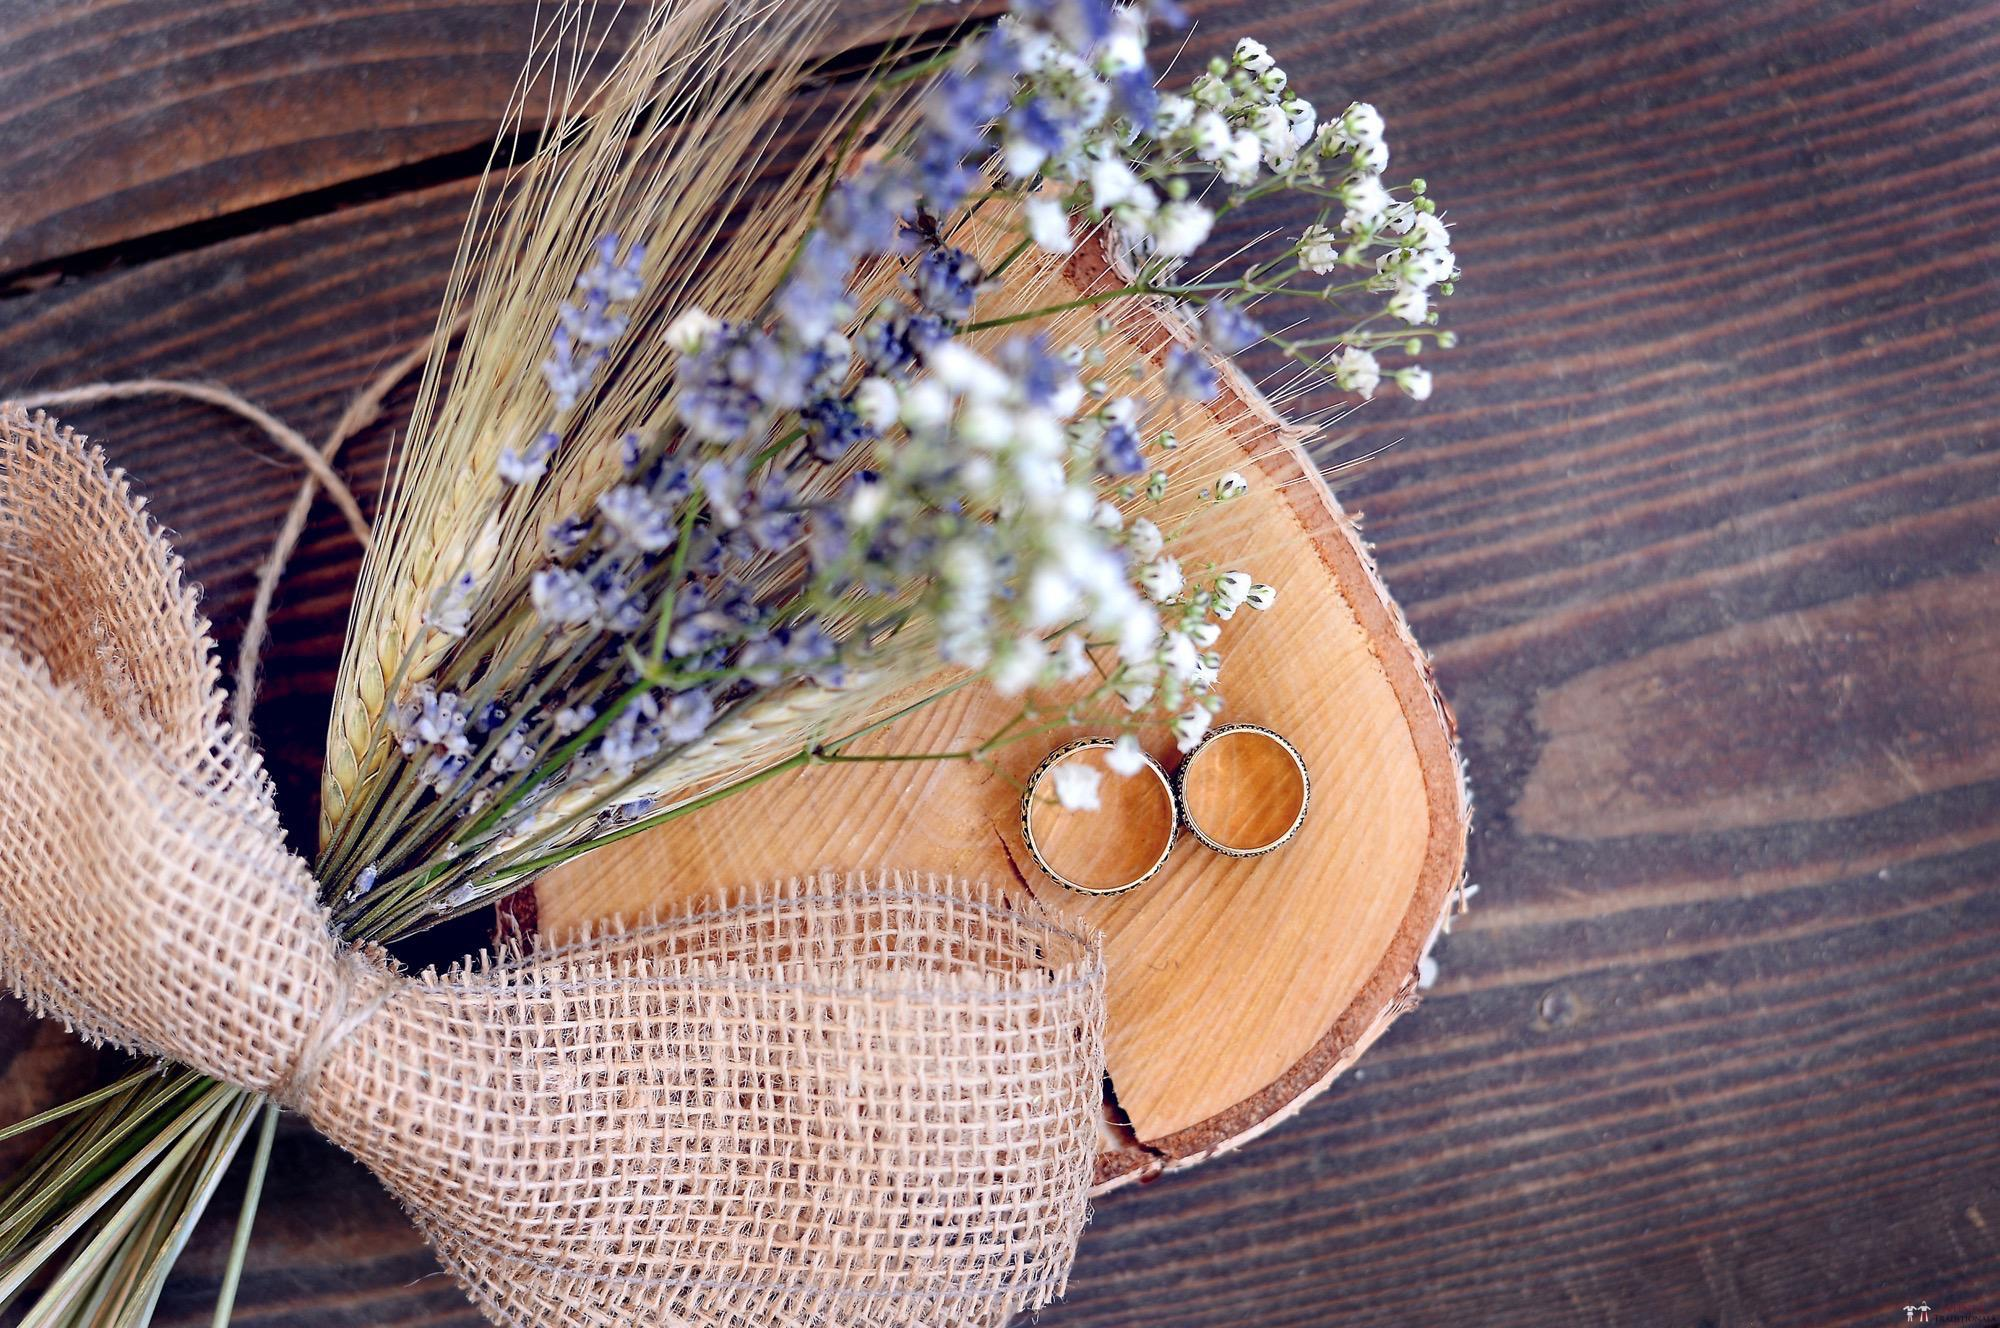 Povești Nunți Tradiționale - Iulia și Andrei. Nuntă tradițională în Bucovina. 13